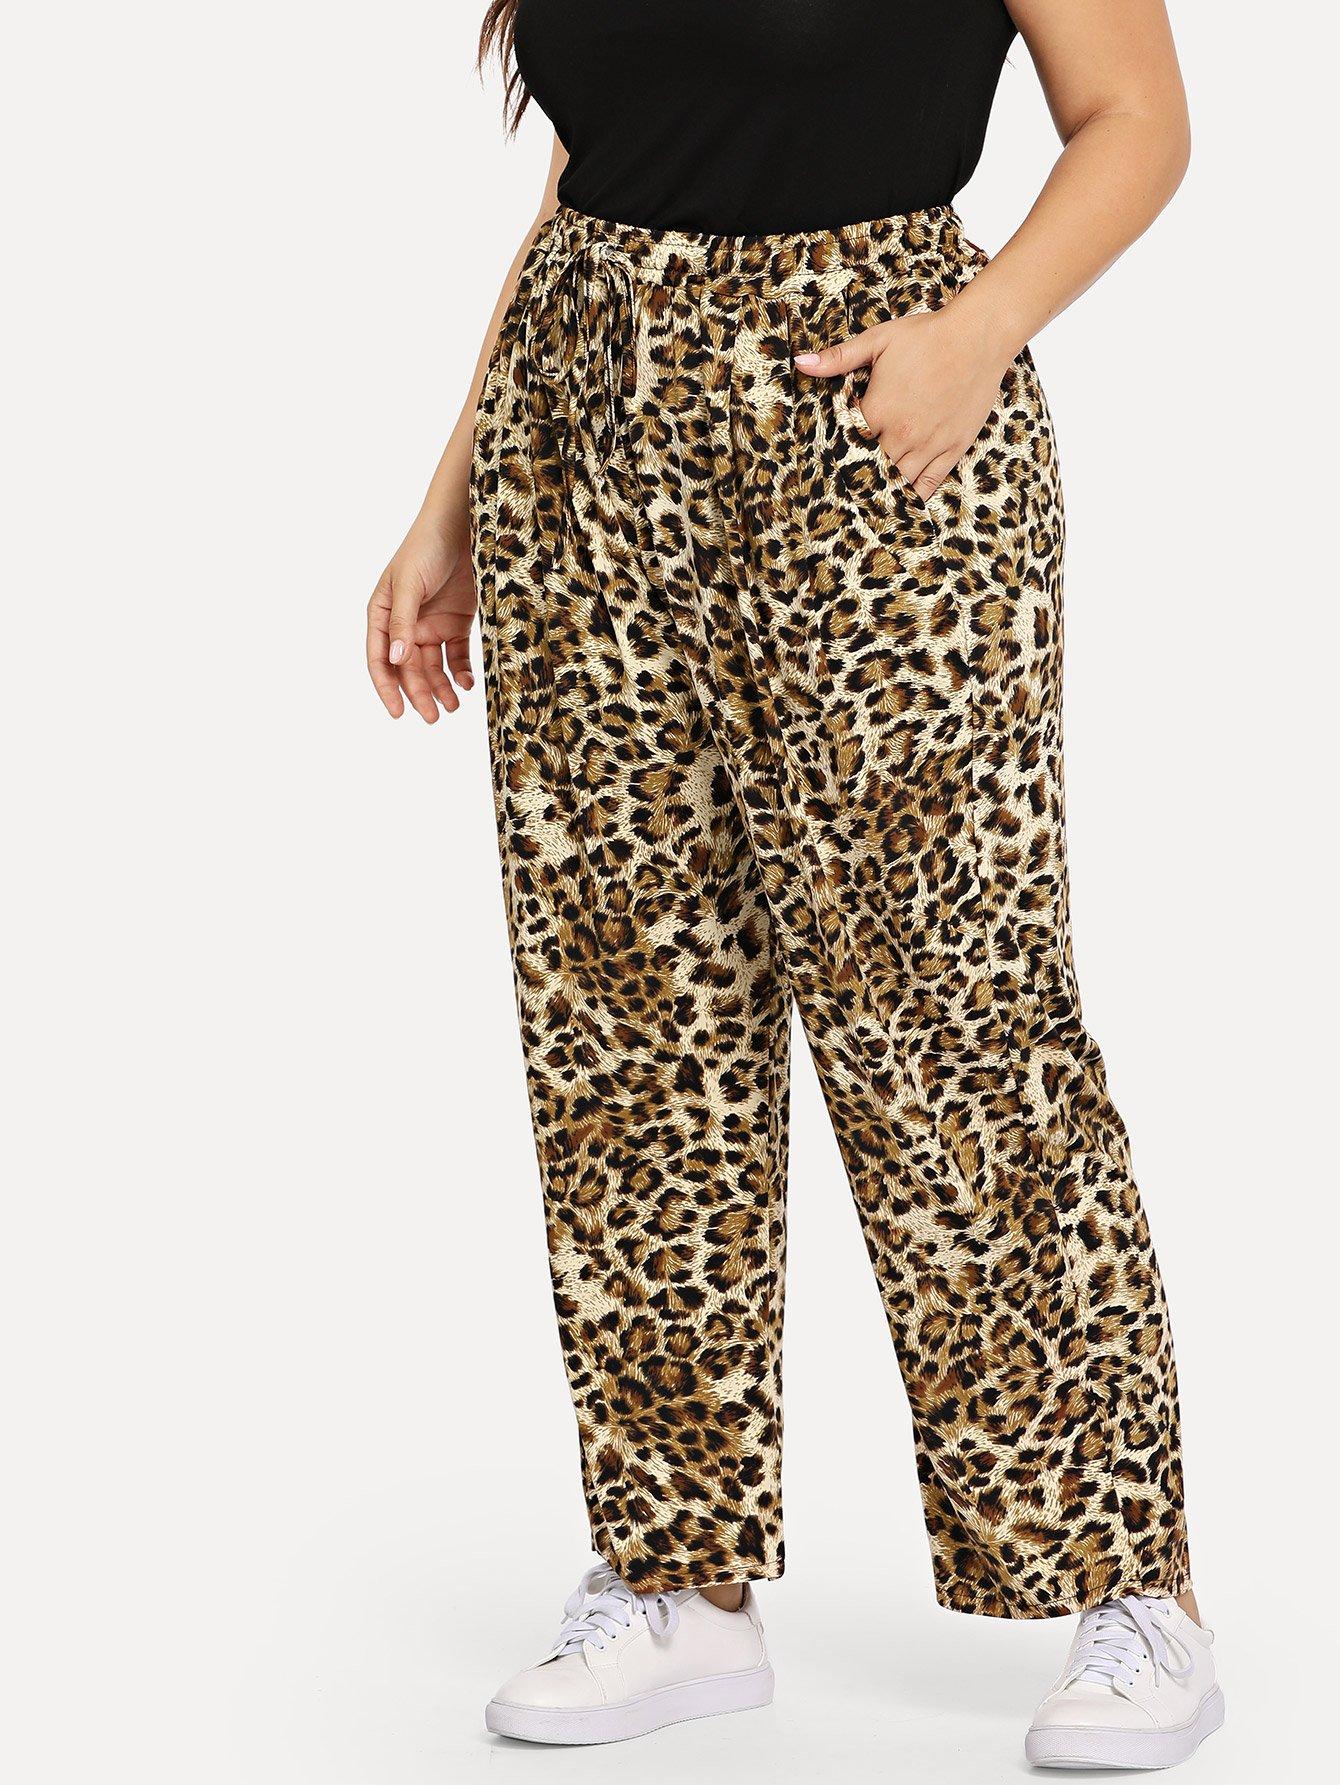 Купить Большие леопардовые брюки и с украшением полосы по обе стороны, Franziska, SheIn